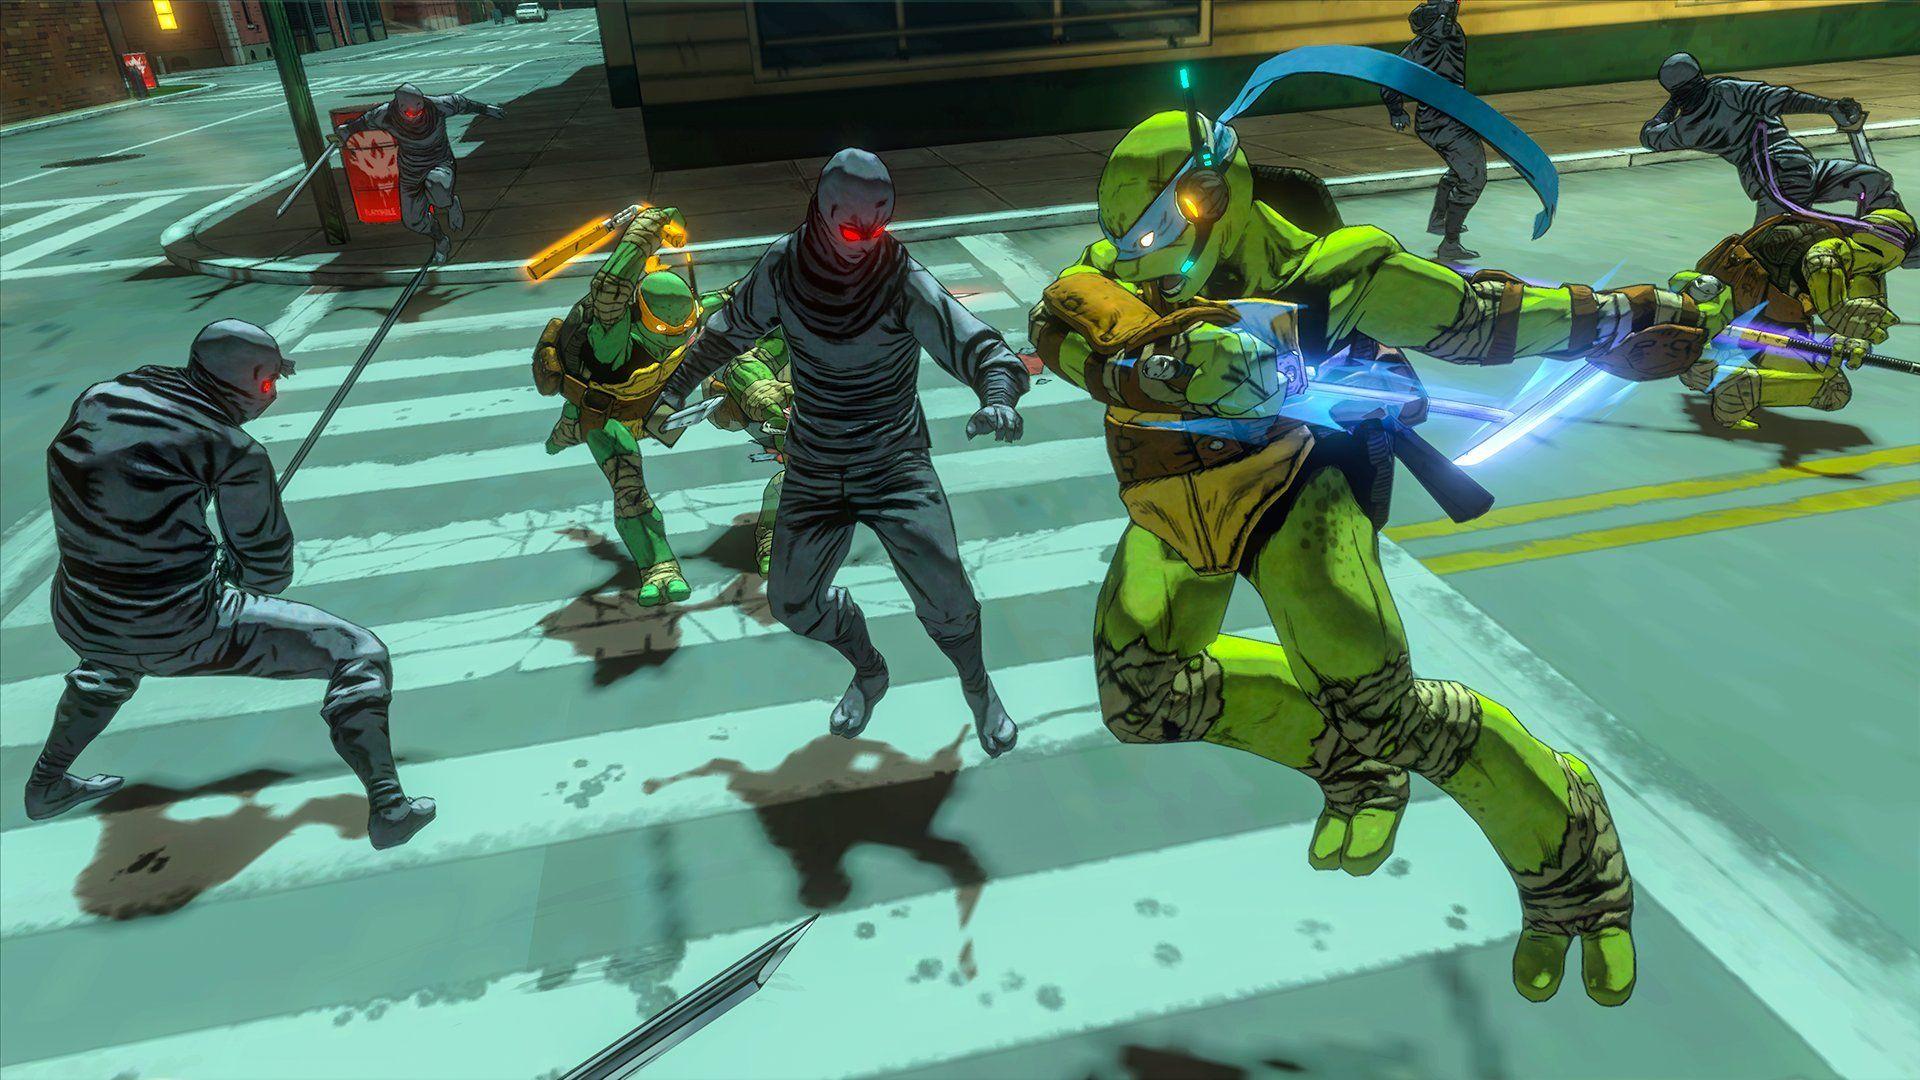 Teenage Mutant Ninja Turtles Mutants In Manhattan Playstation 4 Ninja Mutant Teenage T Ninja Turtle Videos Teenage Mutant Ninja Turtles Ninja Turtles